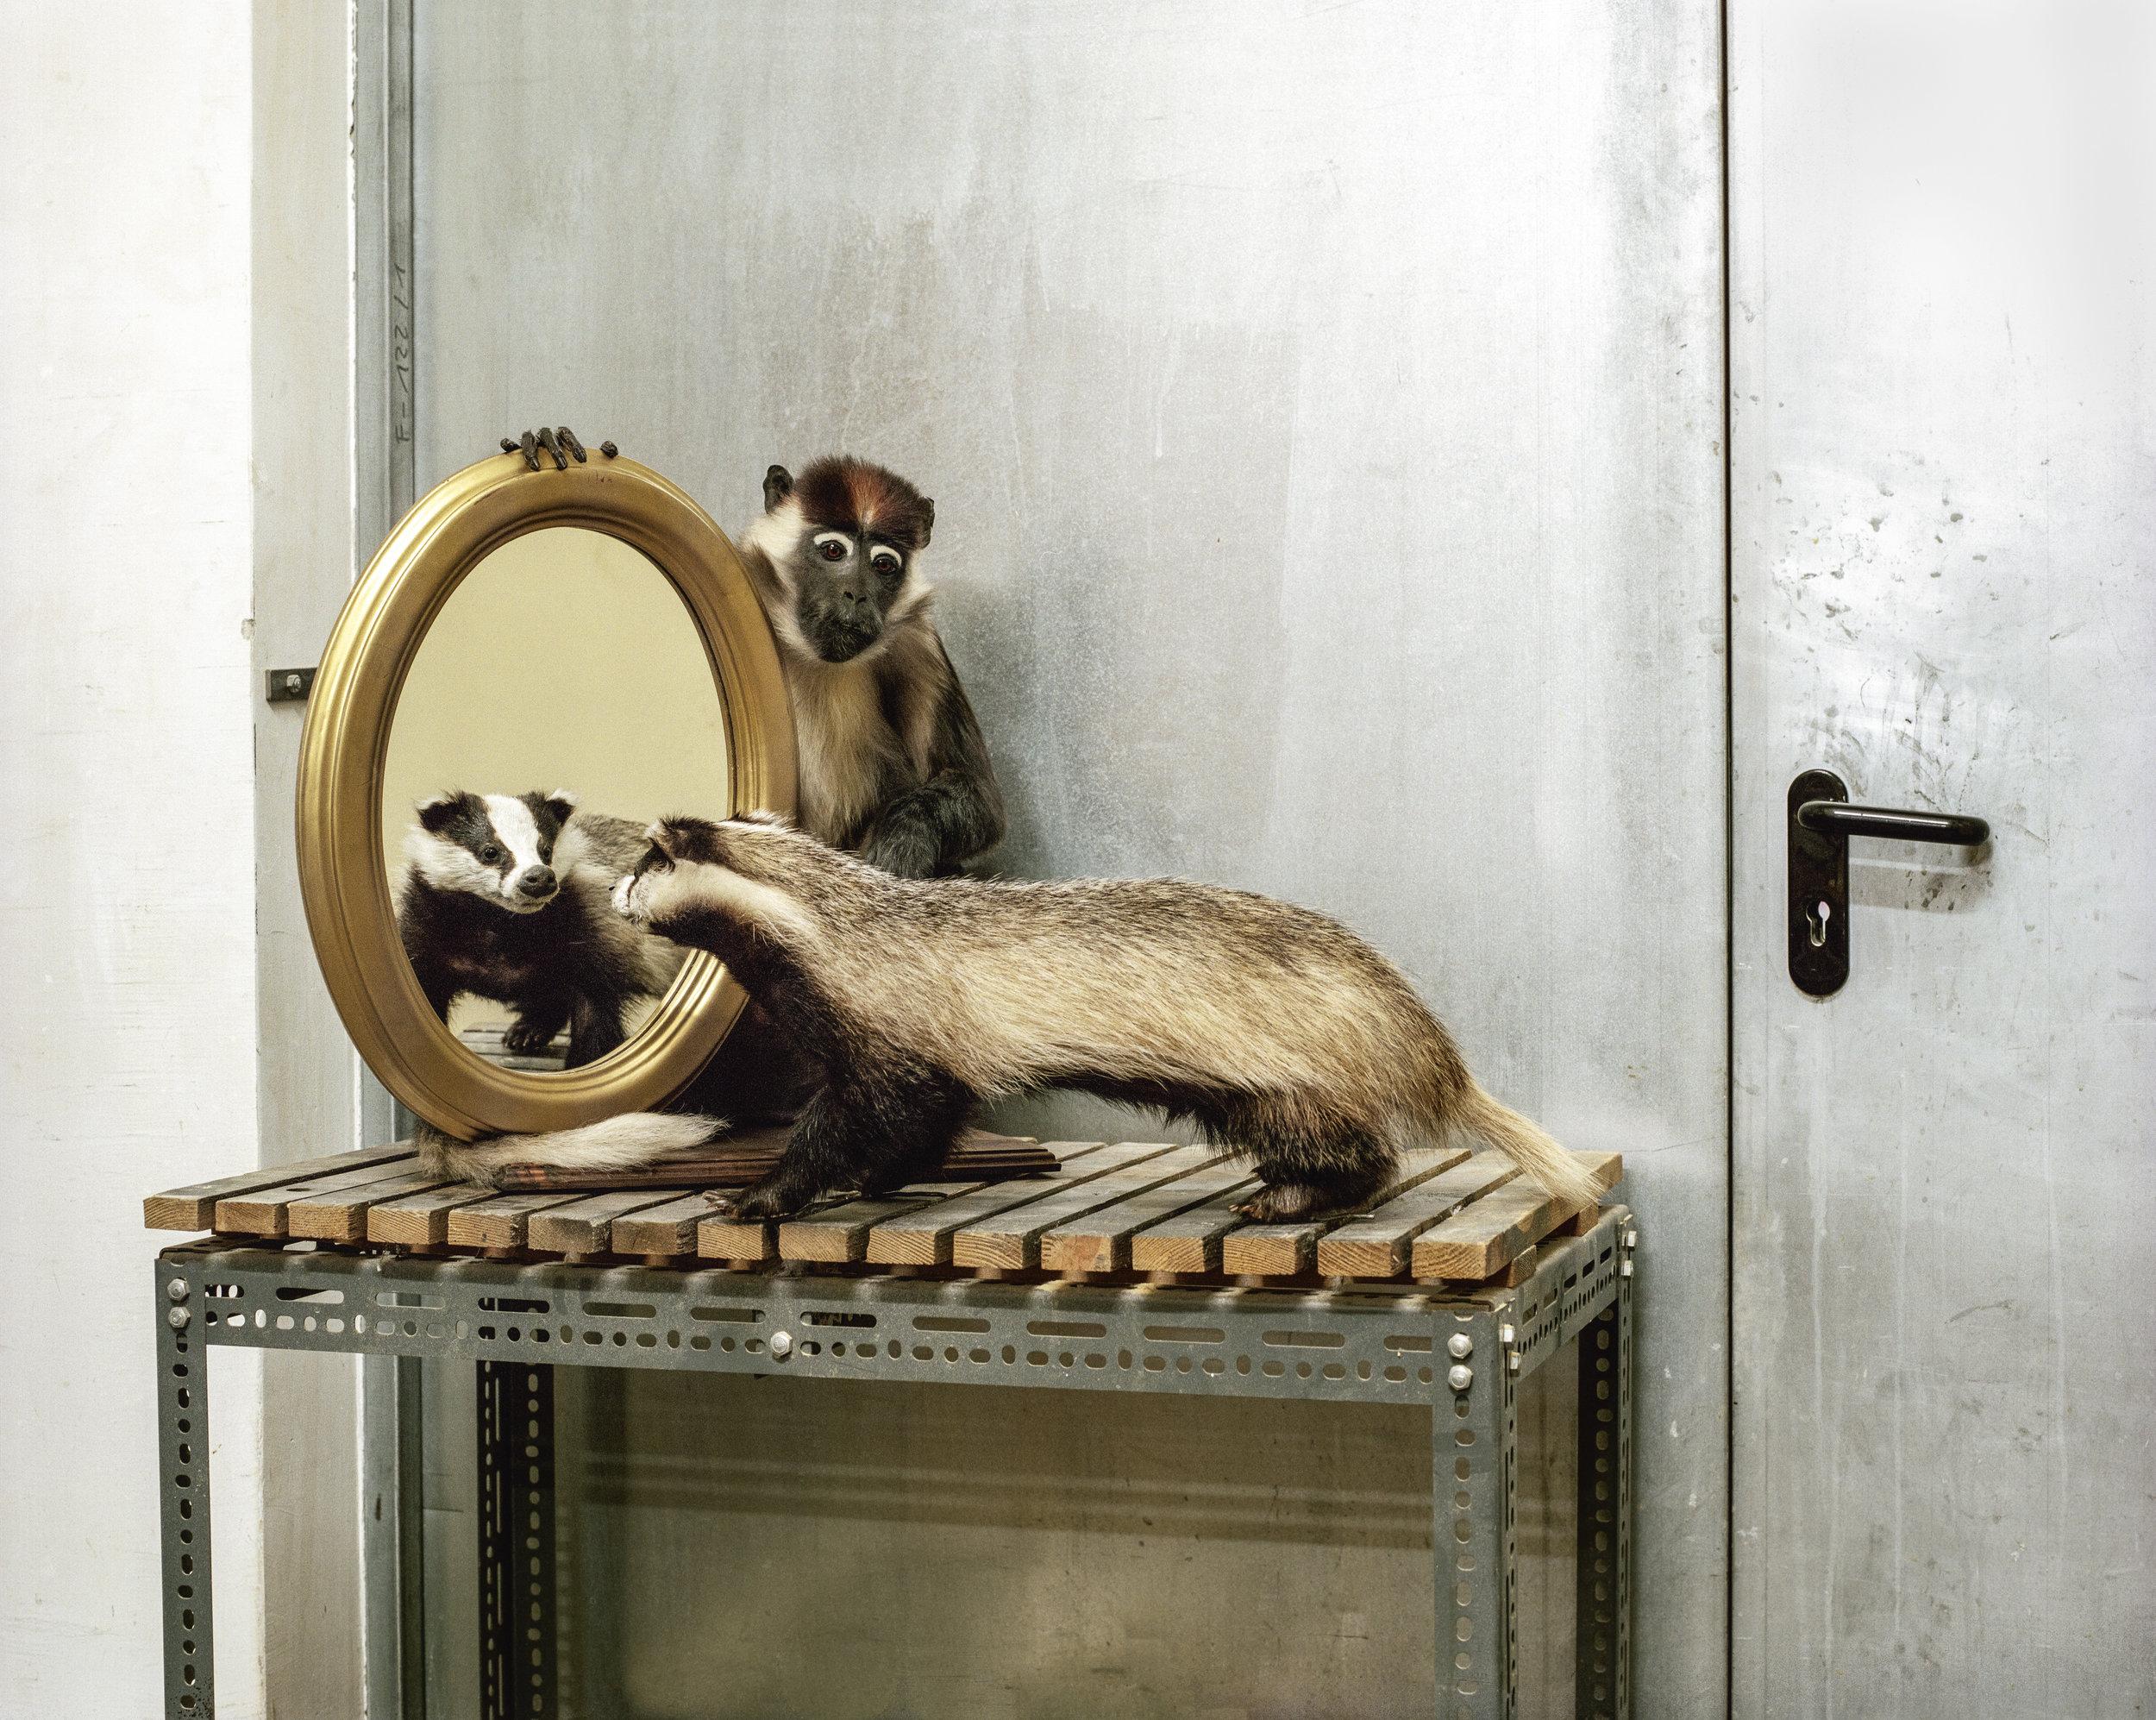 Pichler_Badger and Monkey.jpg